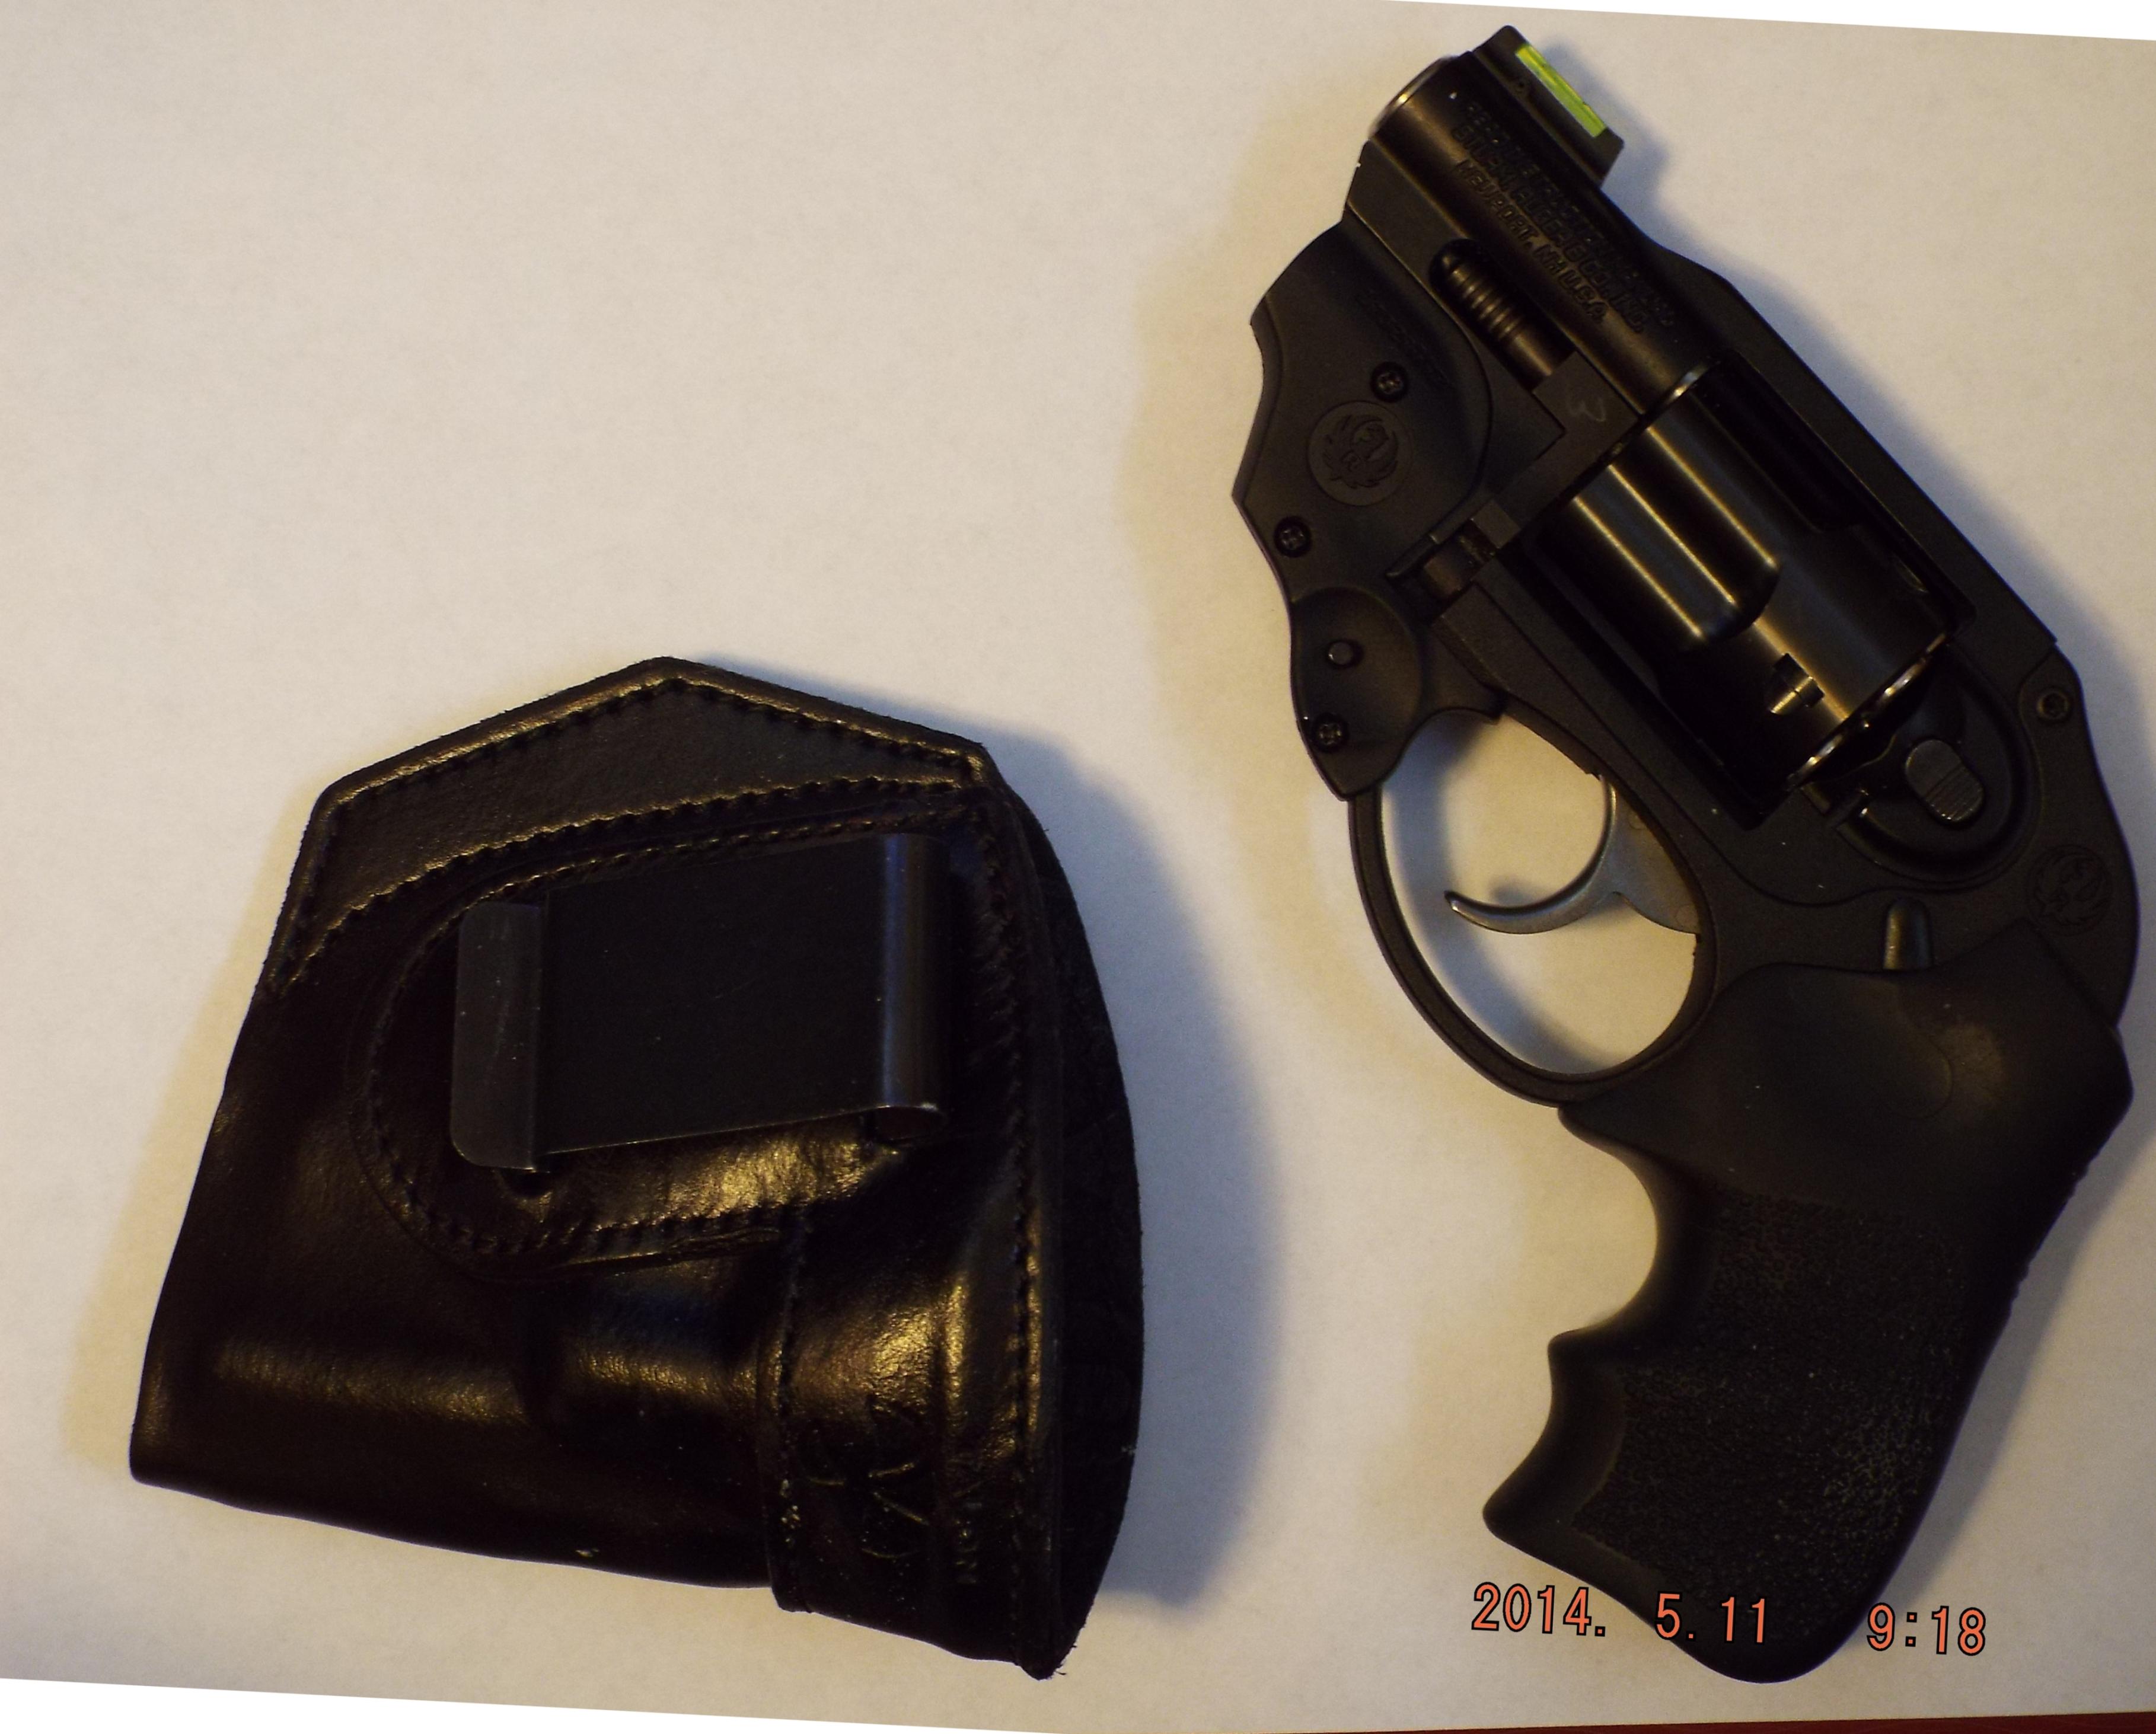 Any feedbacks/reviews on the Talon IWB holster?